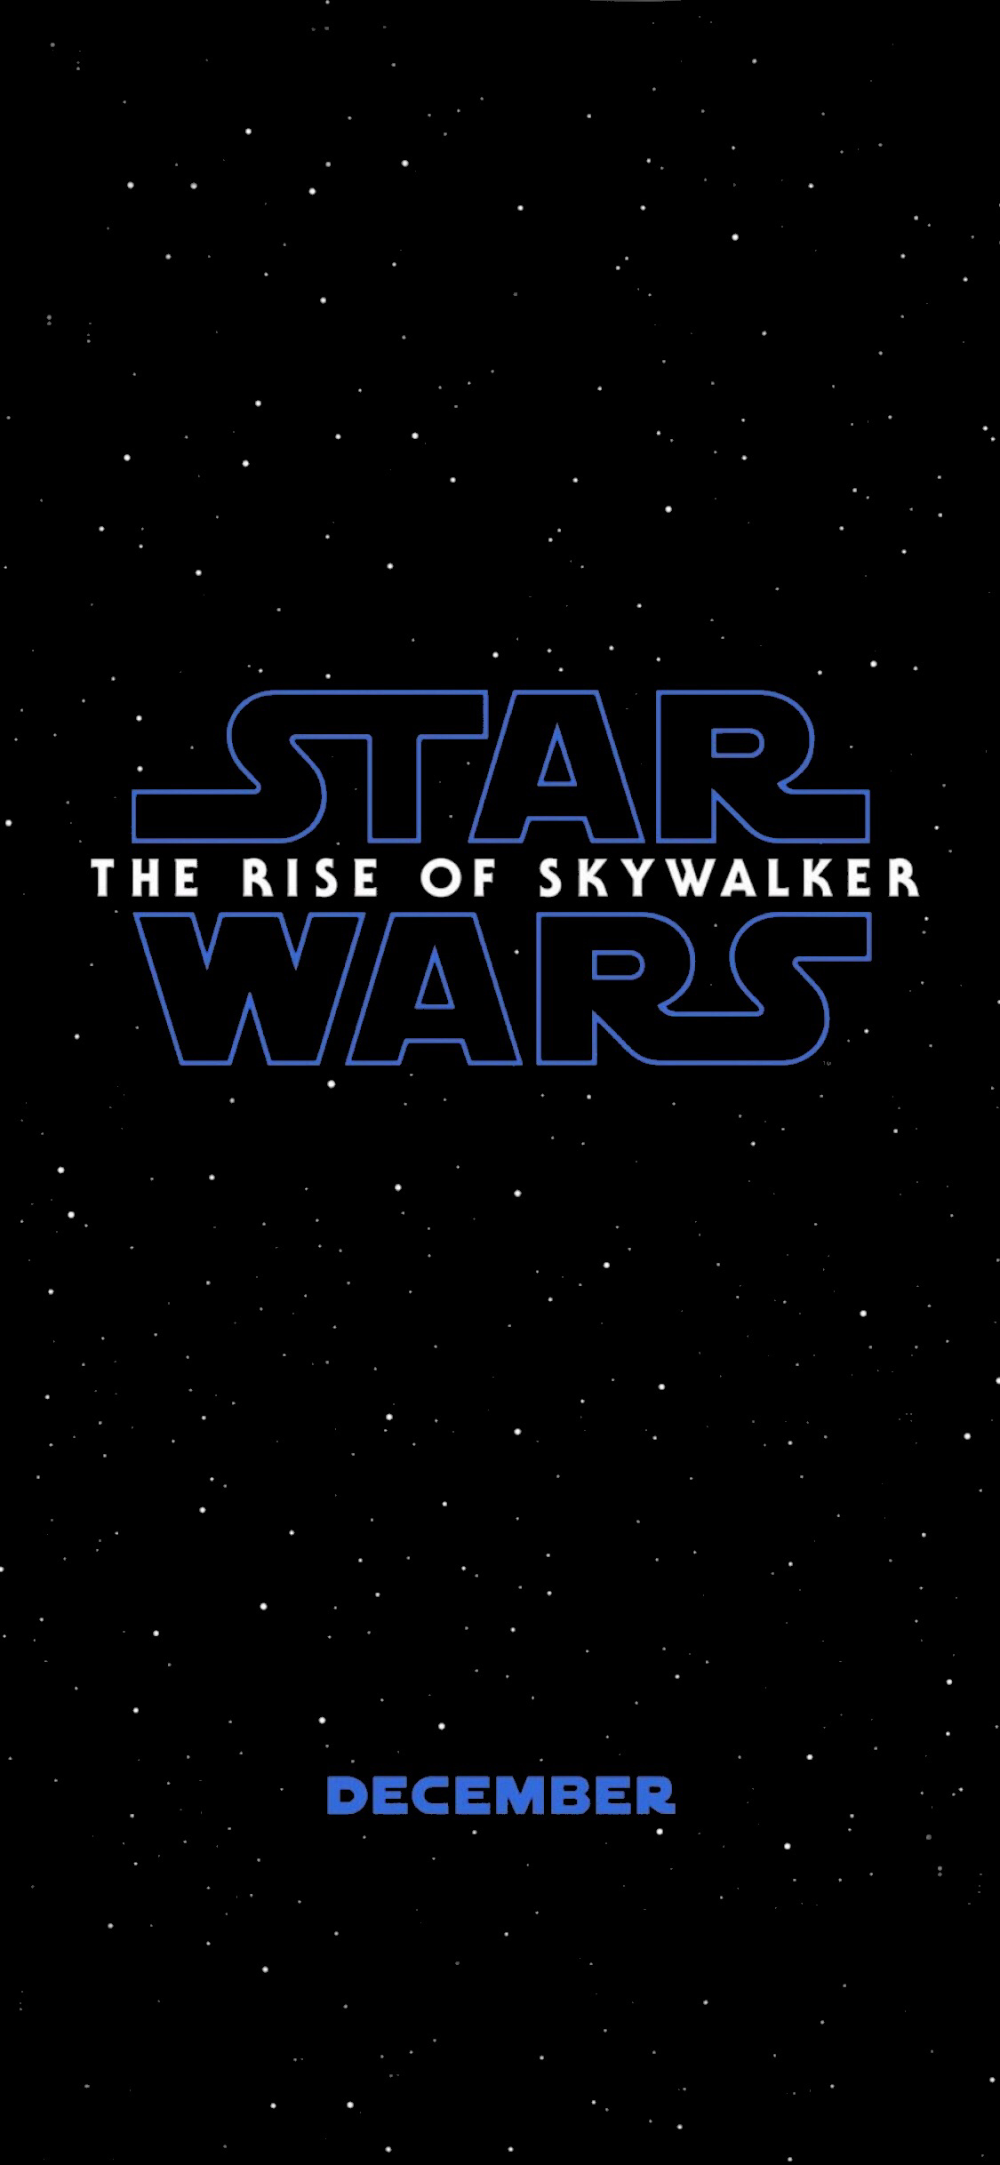 Star Wars Episode 9 In 2020 Star Wars Background Star Wars Wallpaper Iphone Star Wars Episodes